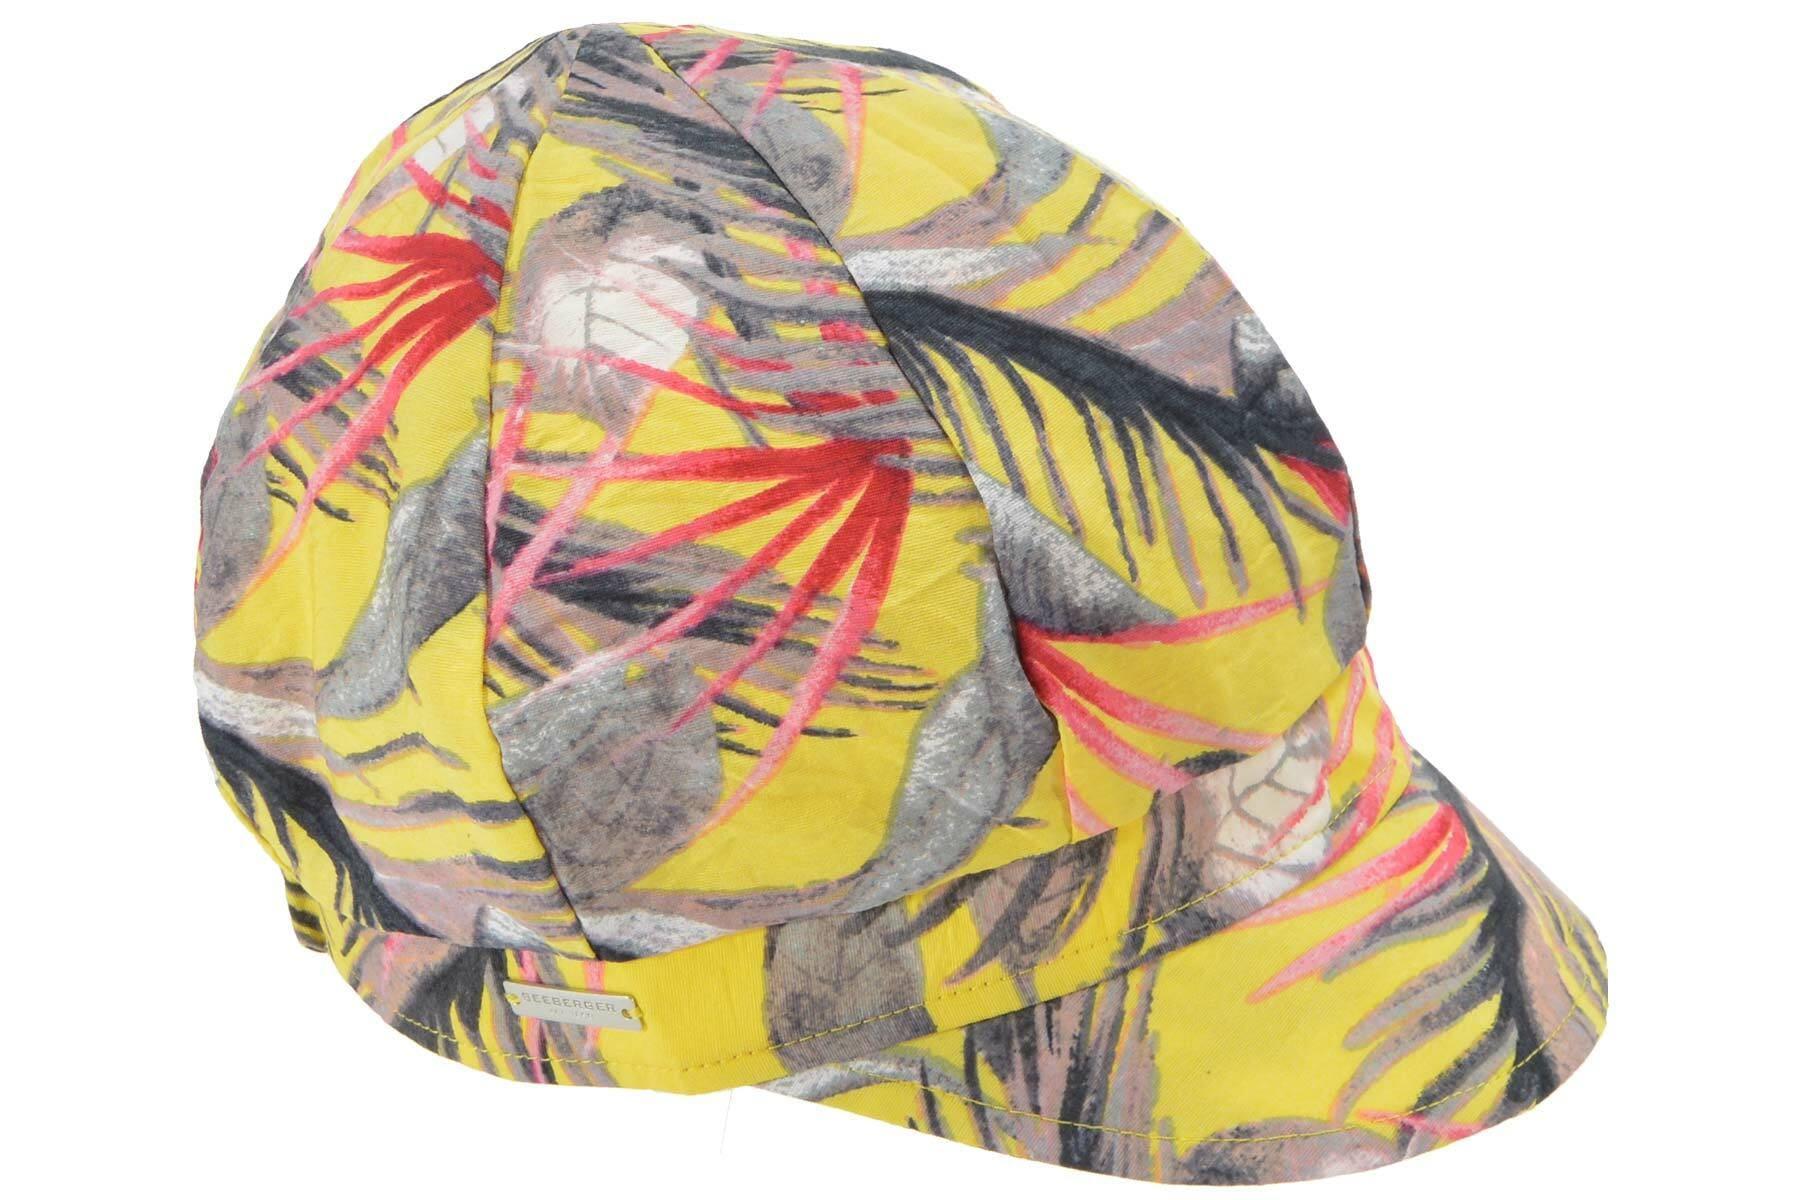 Seeberger Ballonmütze Ballonmütze aus gemustertem Stoff 54689-0 Damenmode/Schmuck & Accessoires/Accessoires/Mützen/Ballonmützen